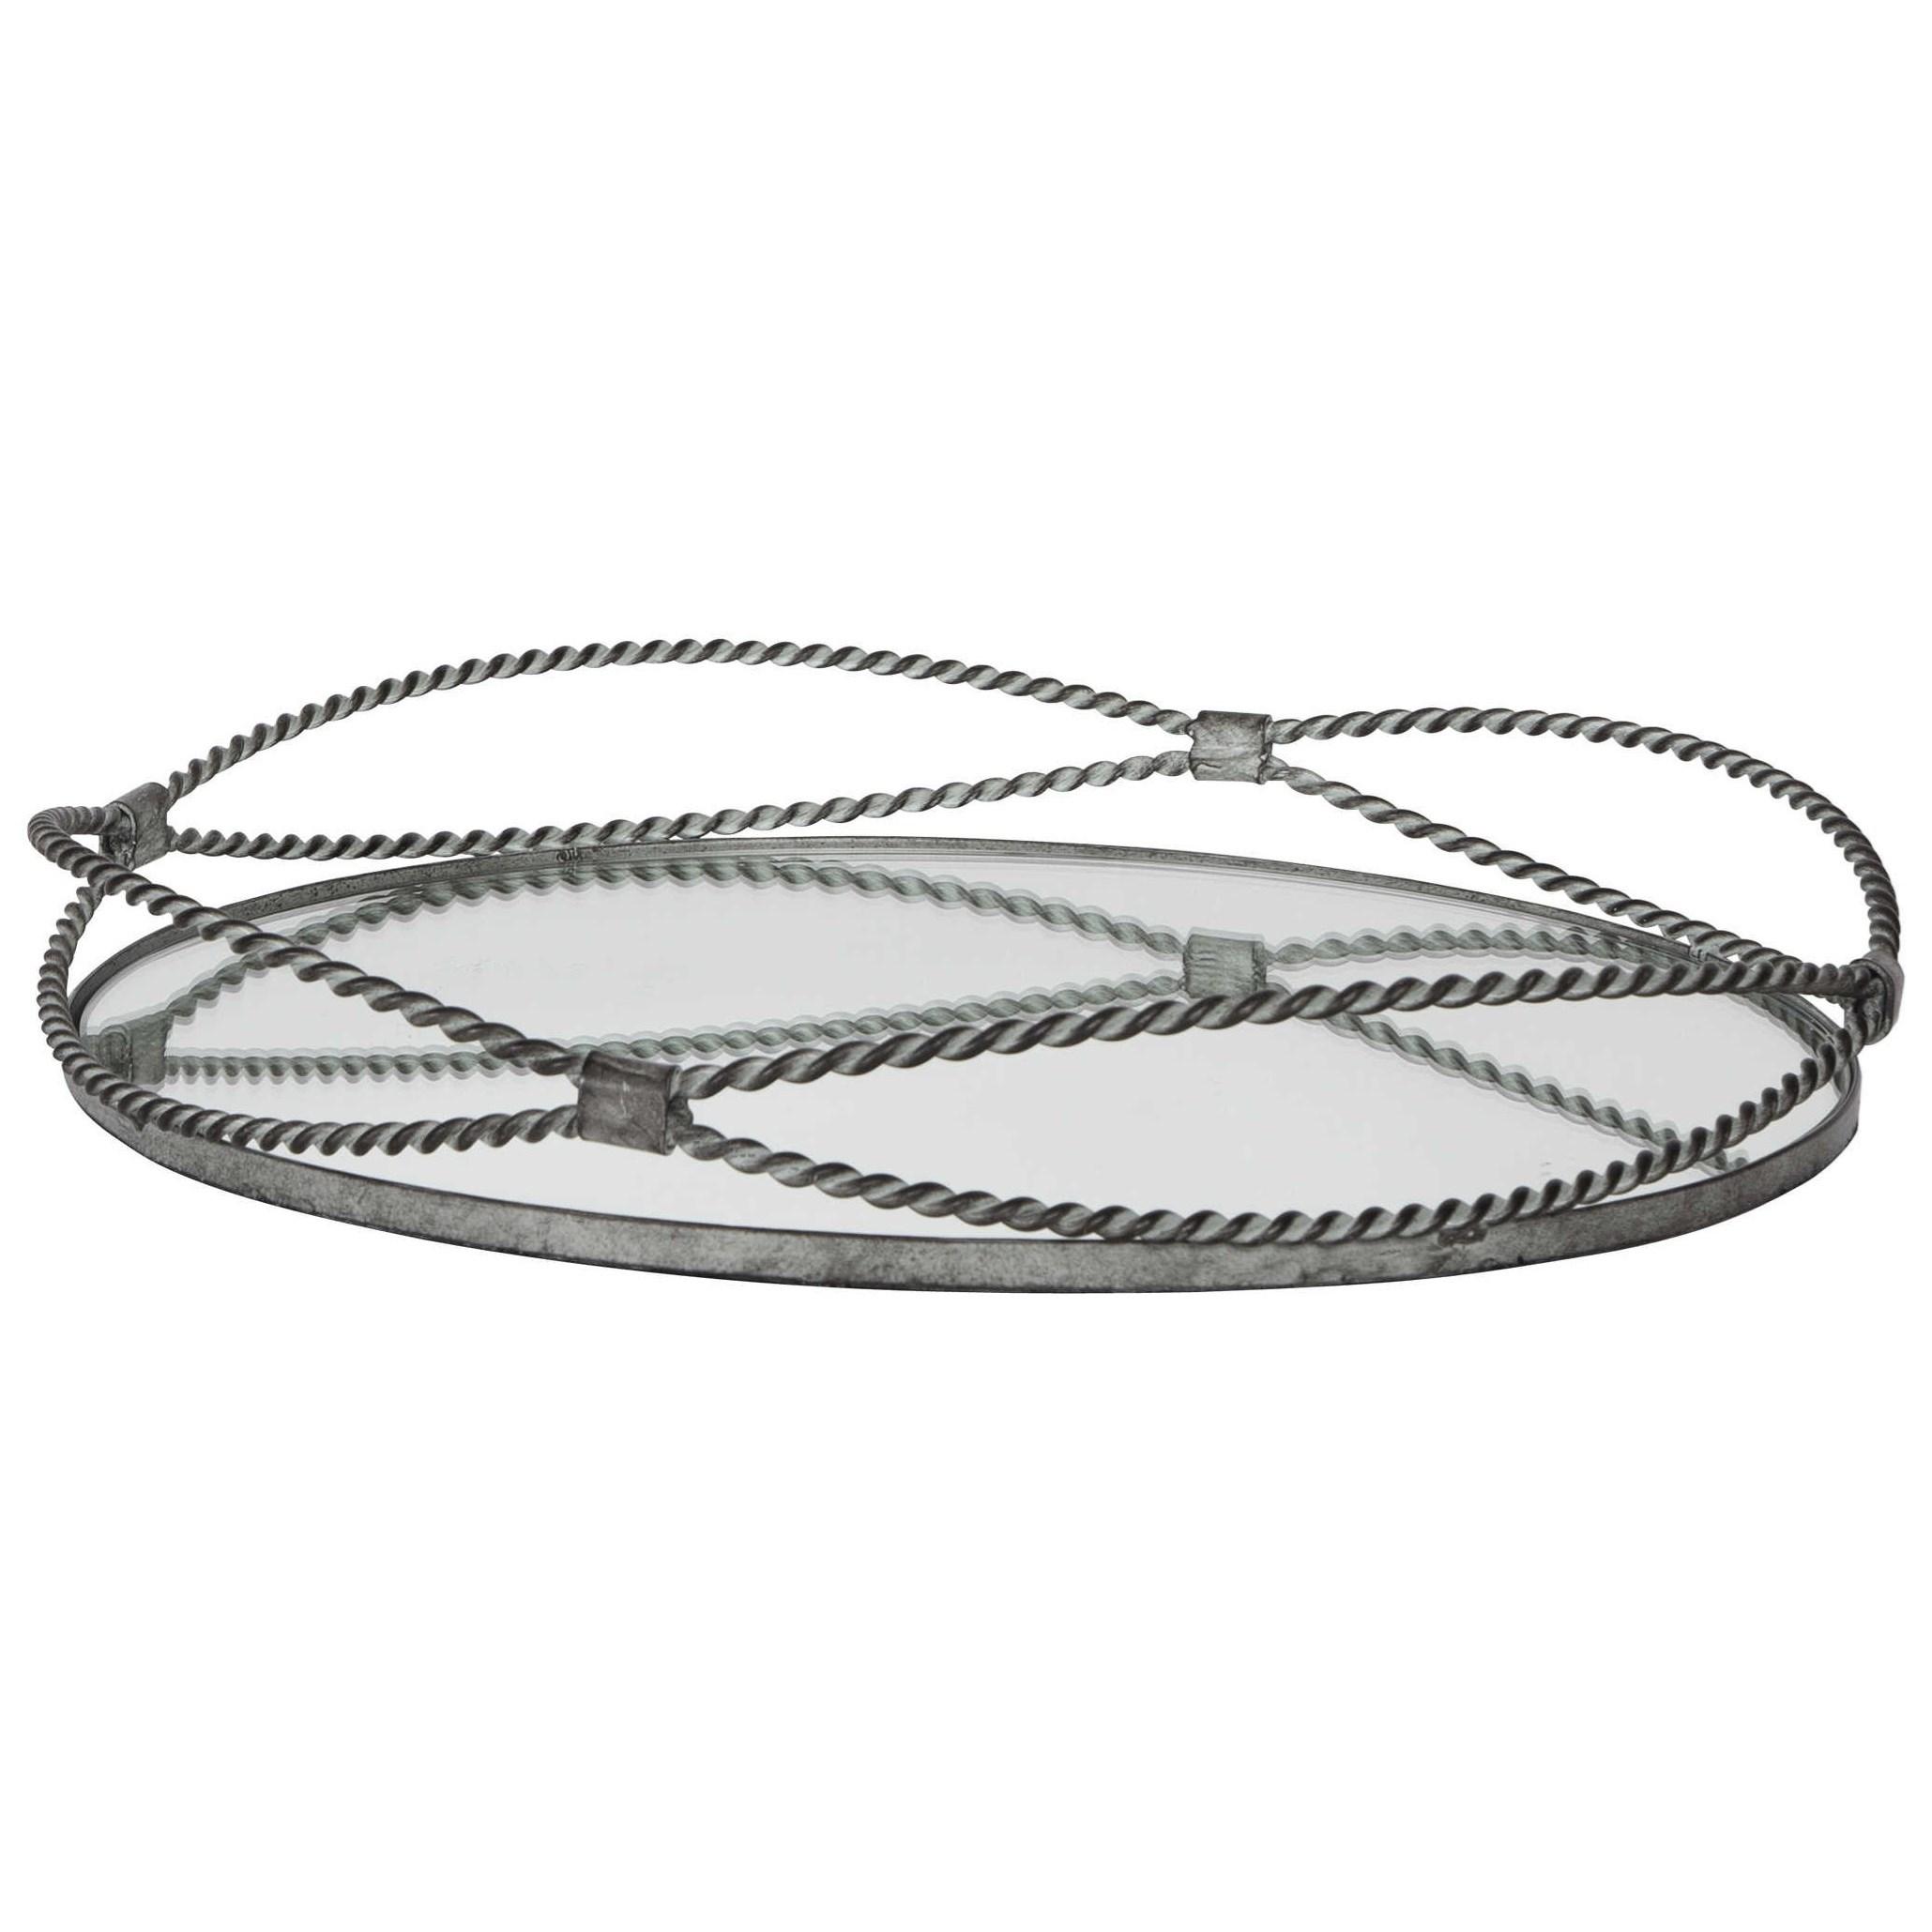 Maori Twisted Iron Tray